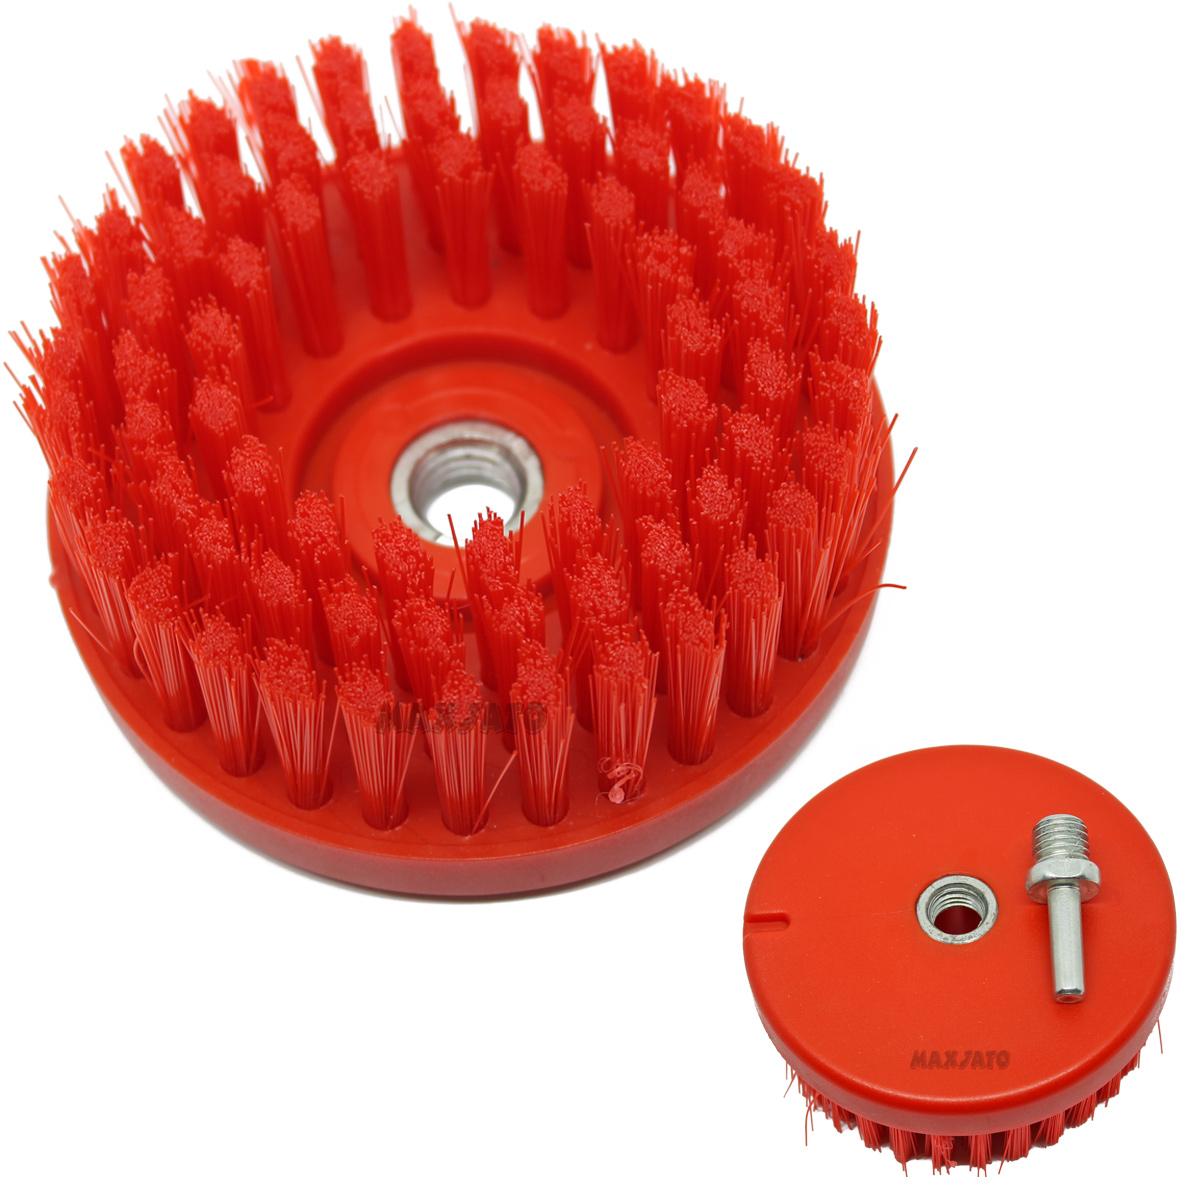 Escova para limpeza de carpetes estofados Cerdas Duras